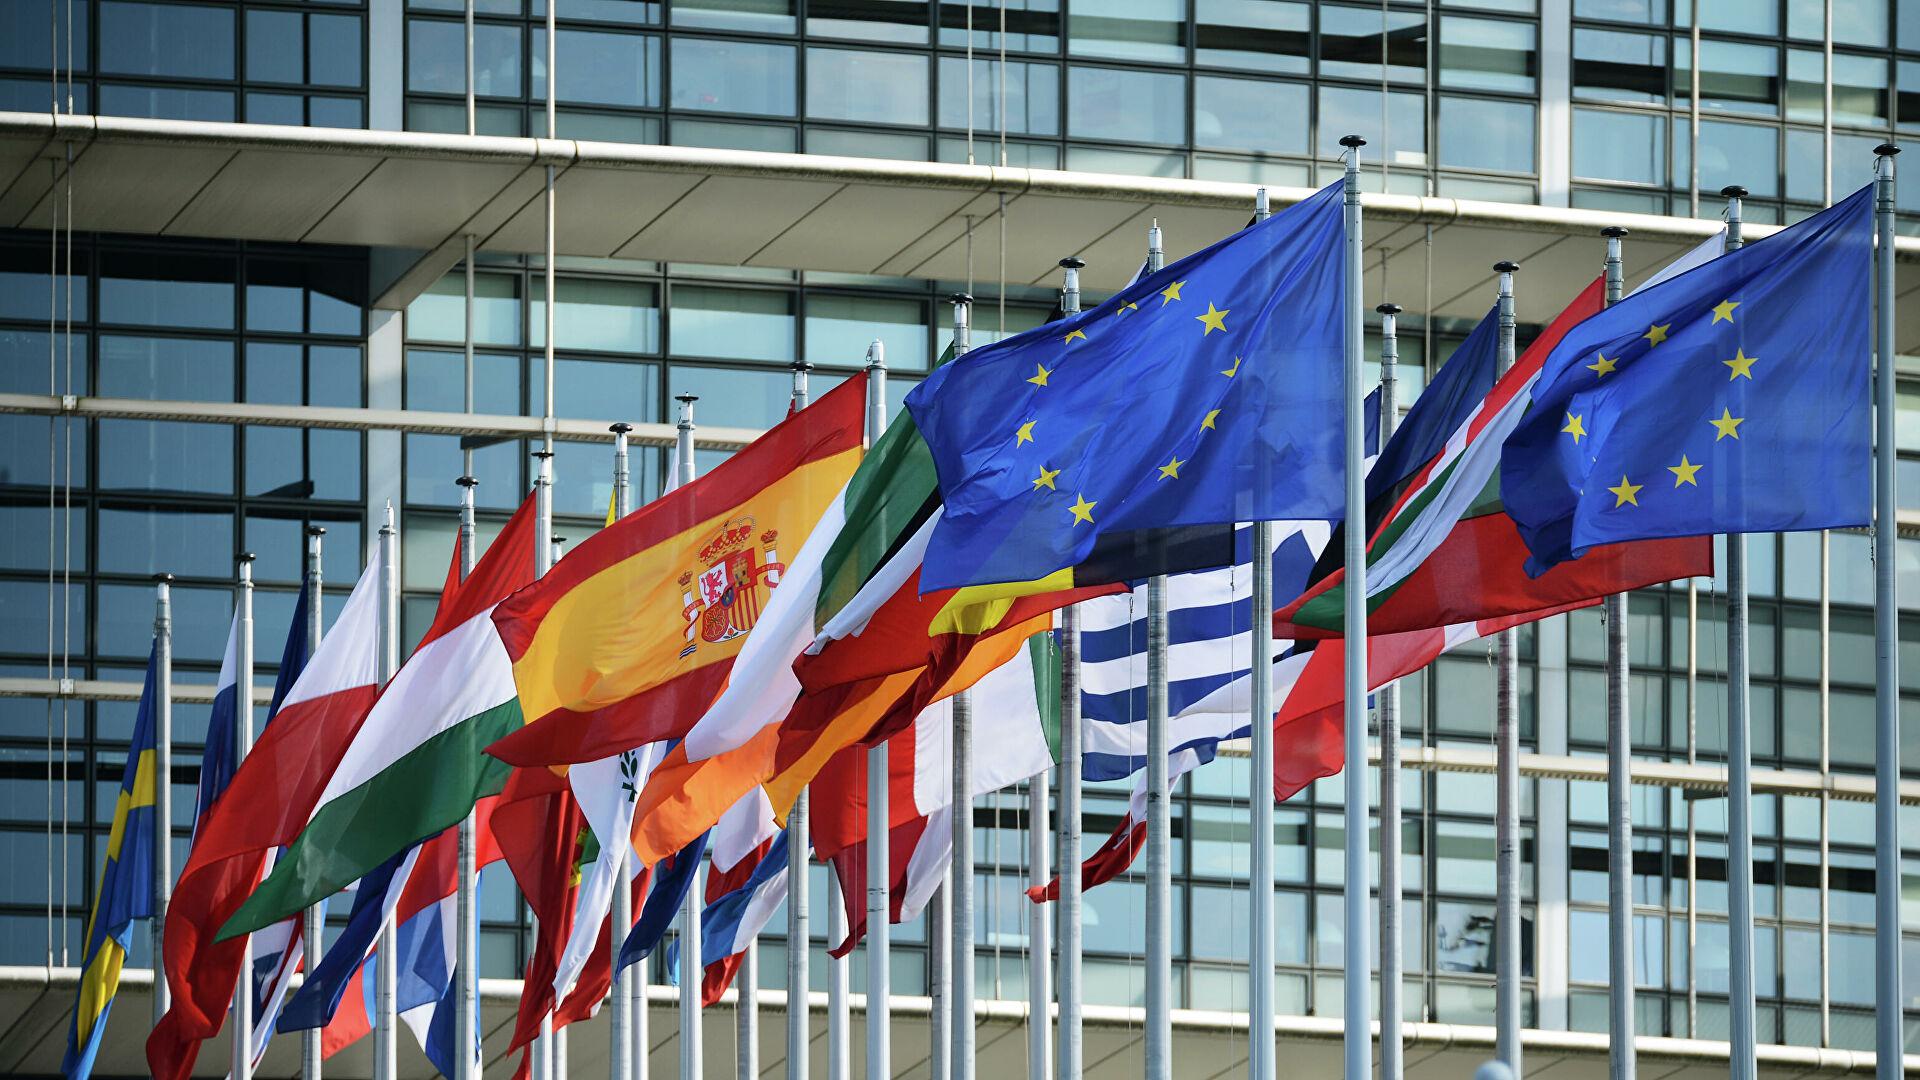 """""""ЕУ продужила санкције против Русије због случаја """"Скрипаљ на годину дана"""""""